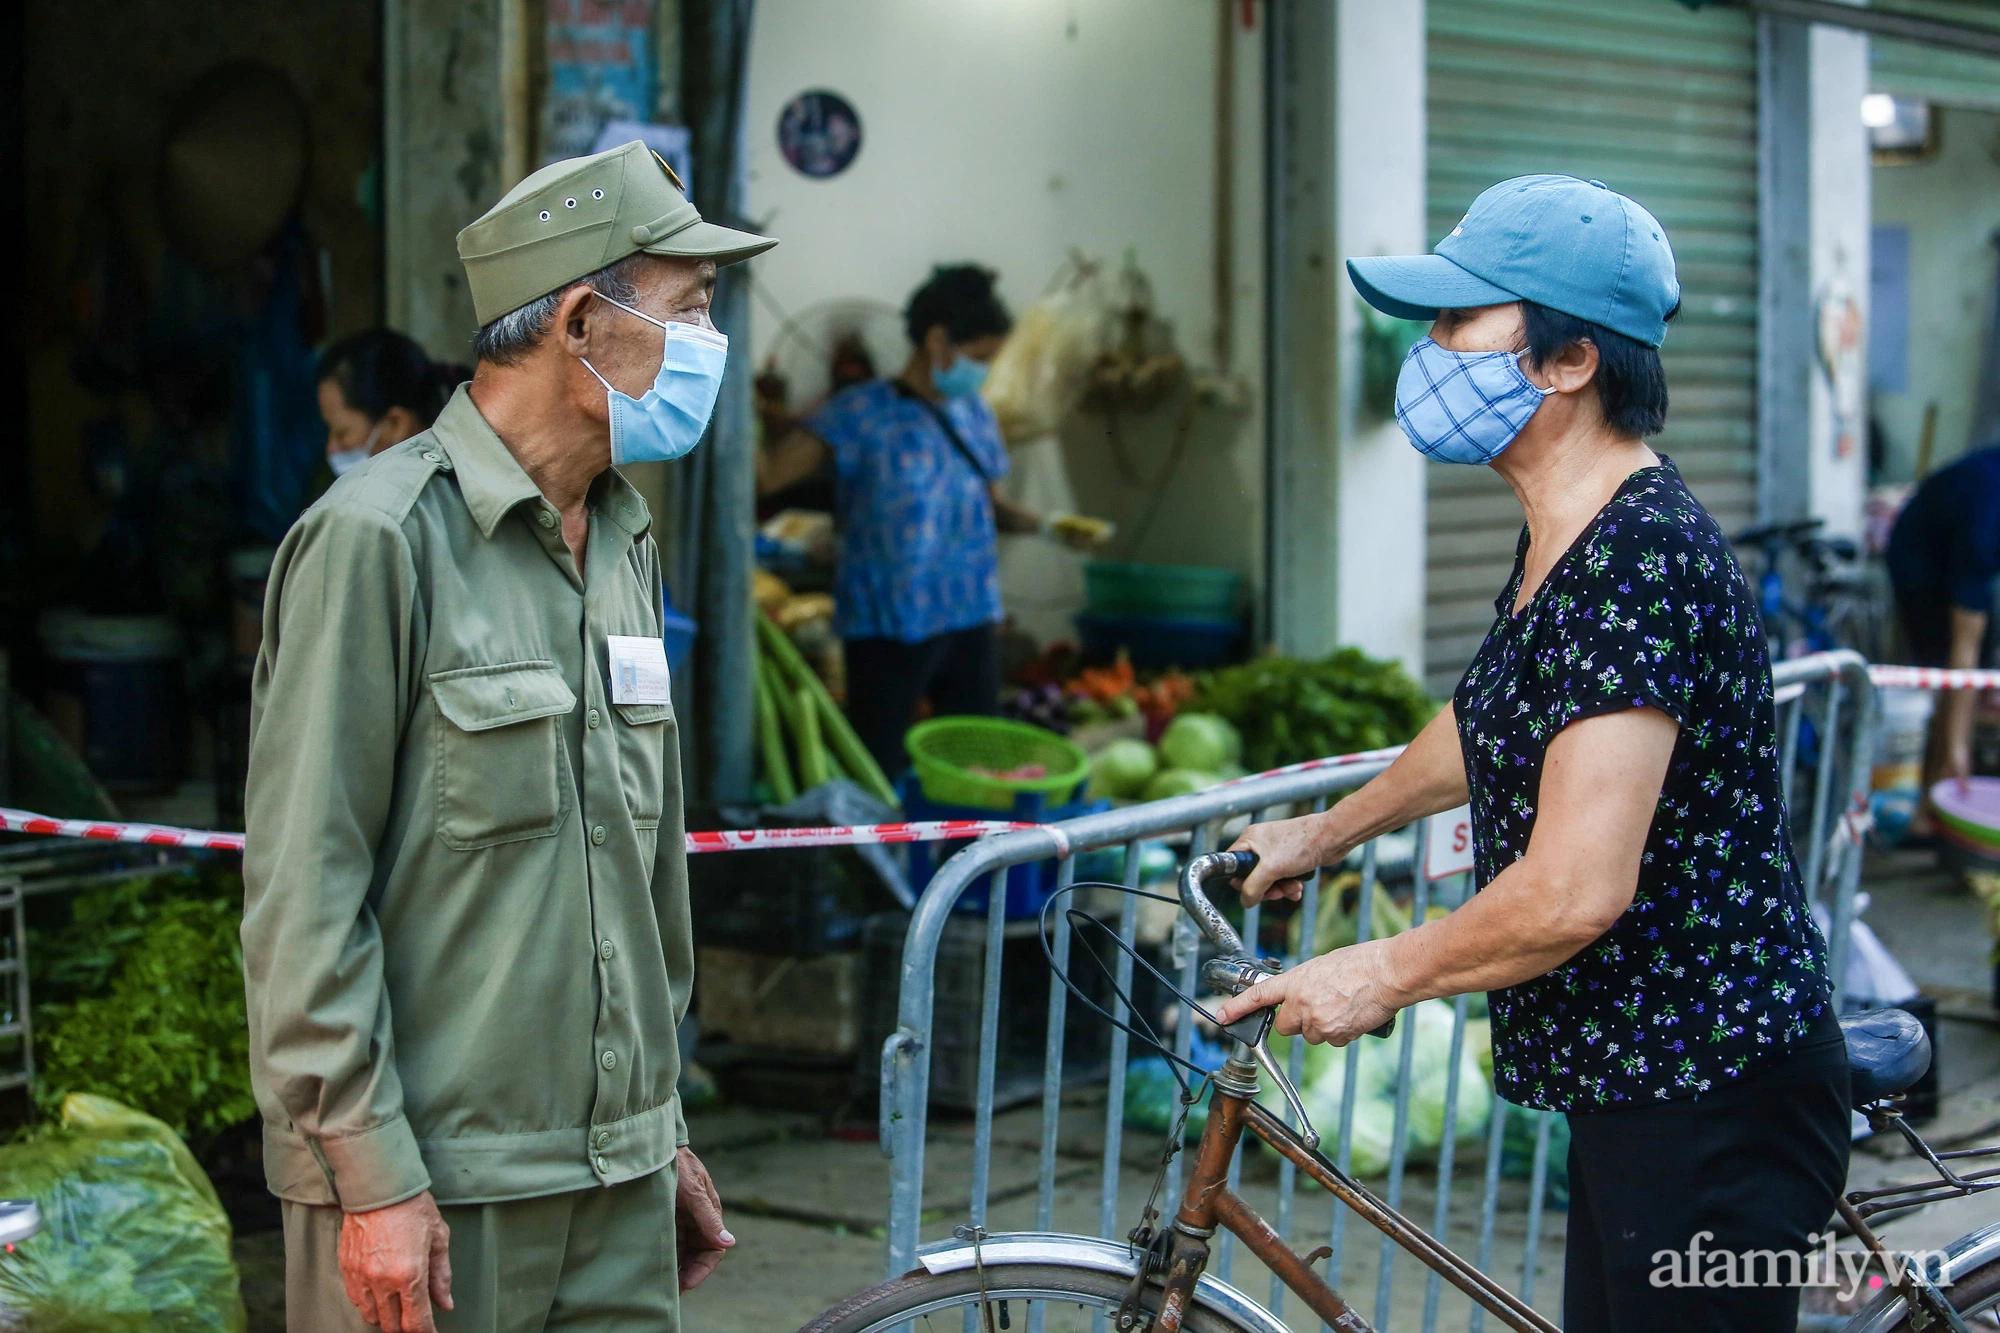 Ngày đầu tiên bắt đầu phát phiếu đi chợ, người Hà Nội đi theo ngày chẵn, ngày lẻ - Ảnh 8.